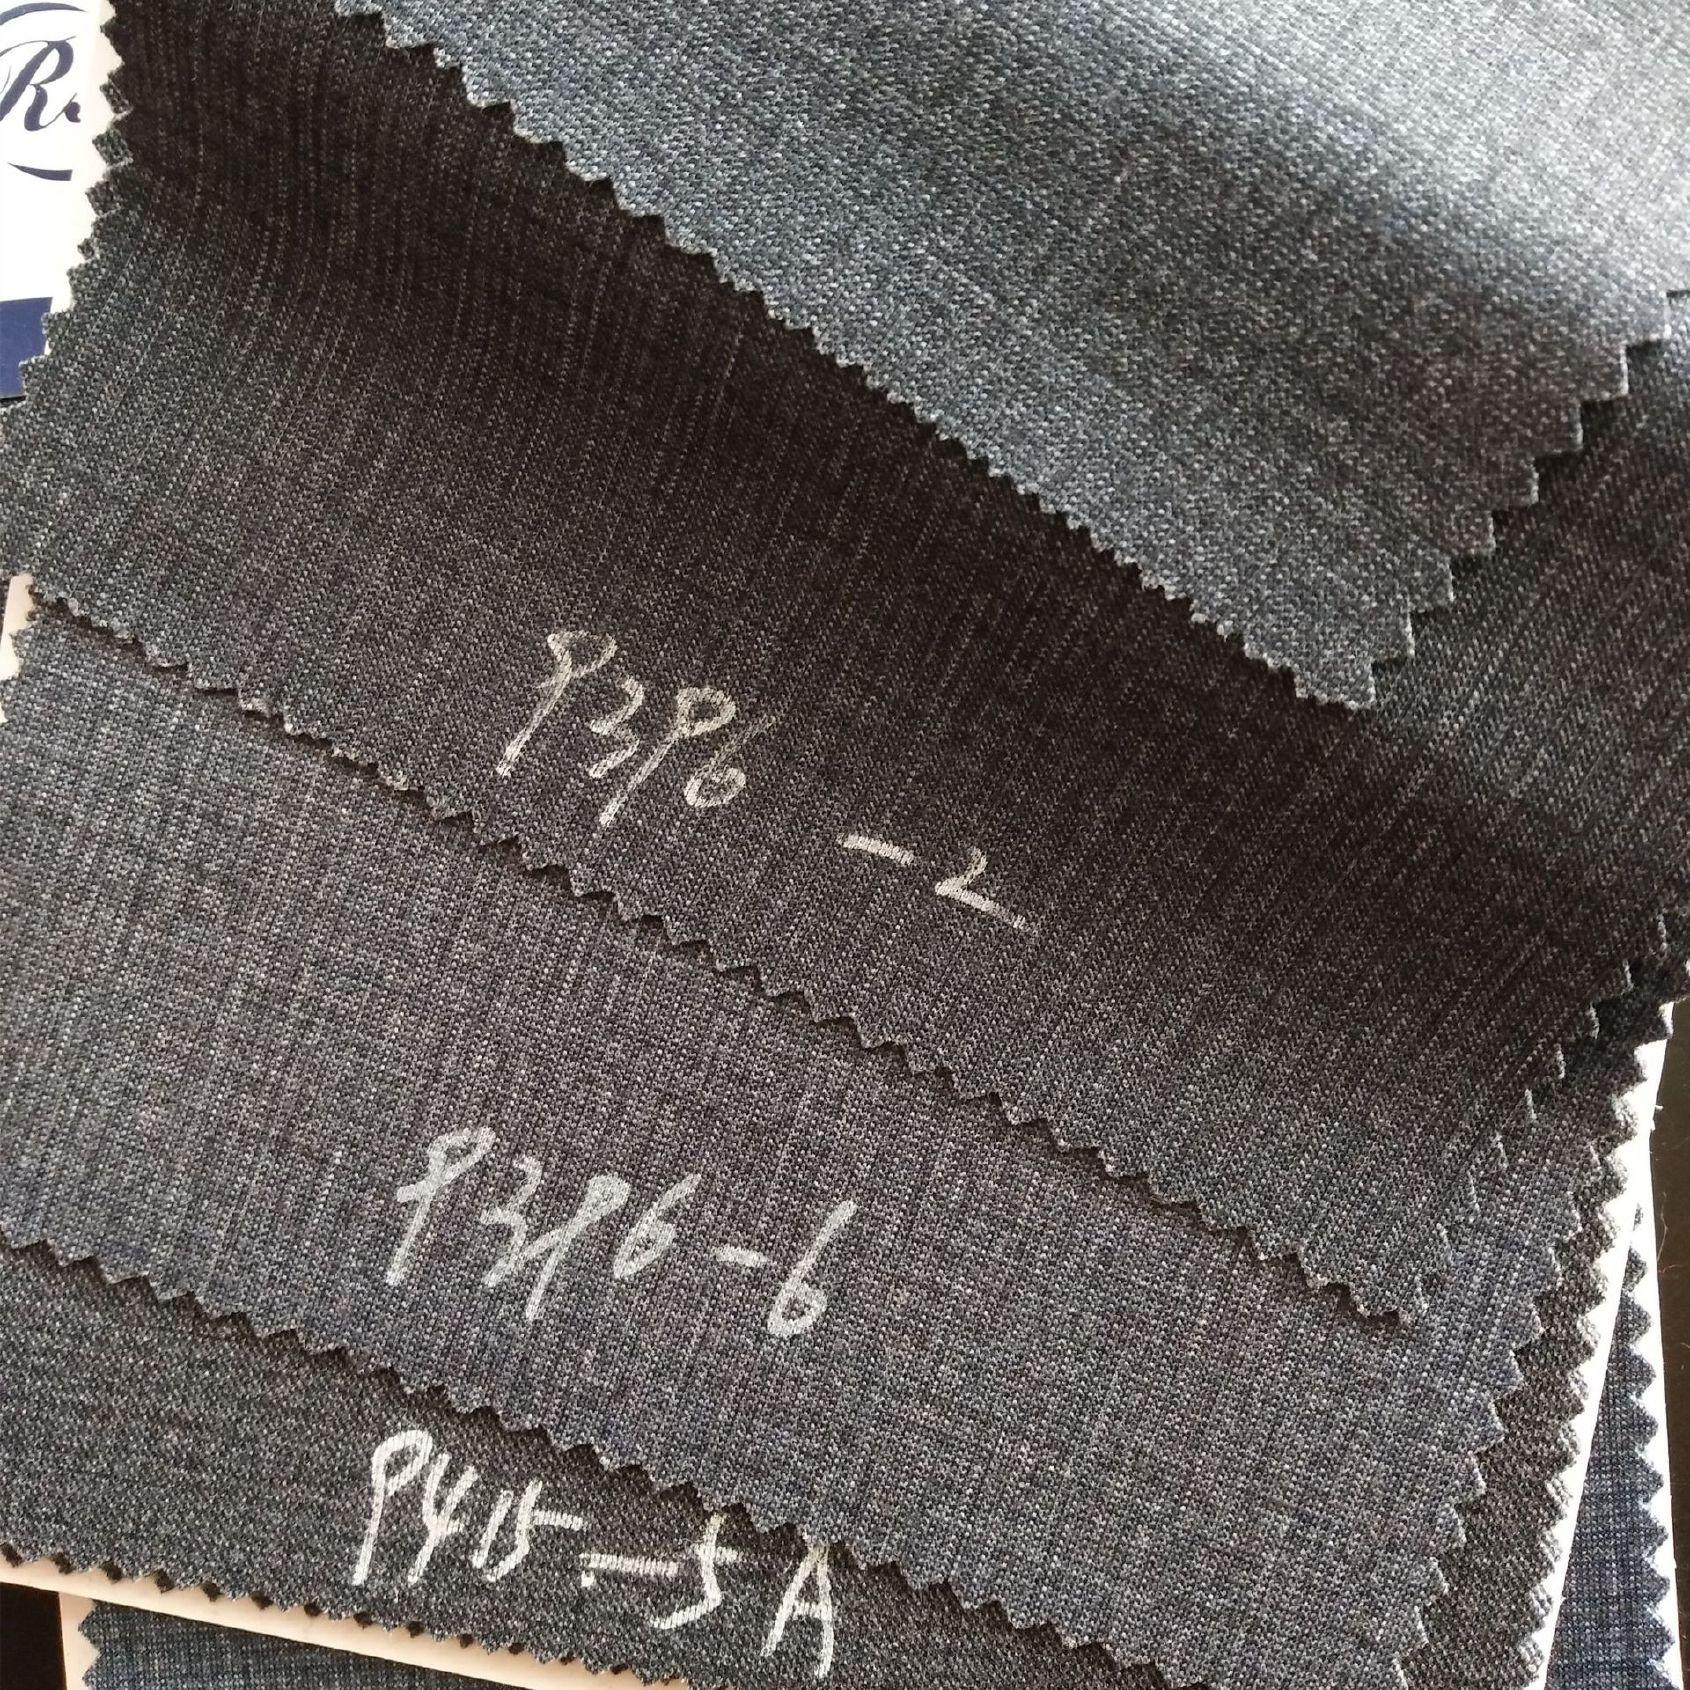 如新纺织,针织布,工装面料,工作服面料,裤料图片